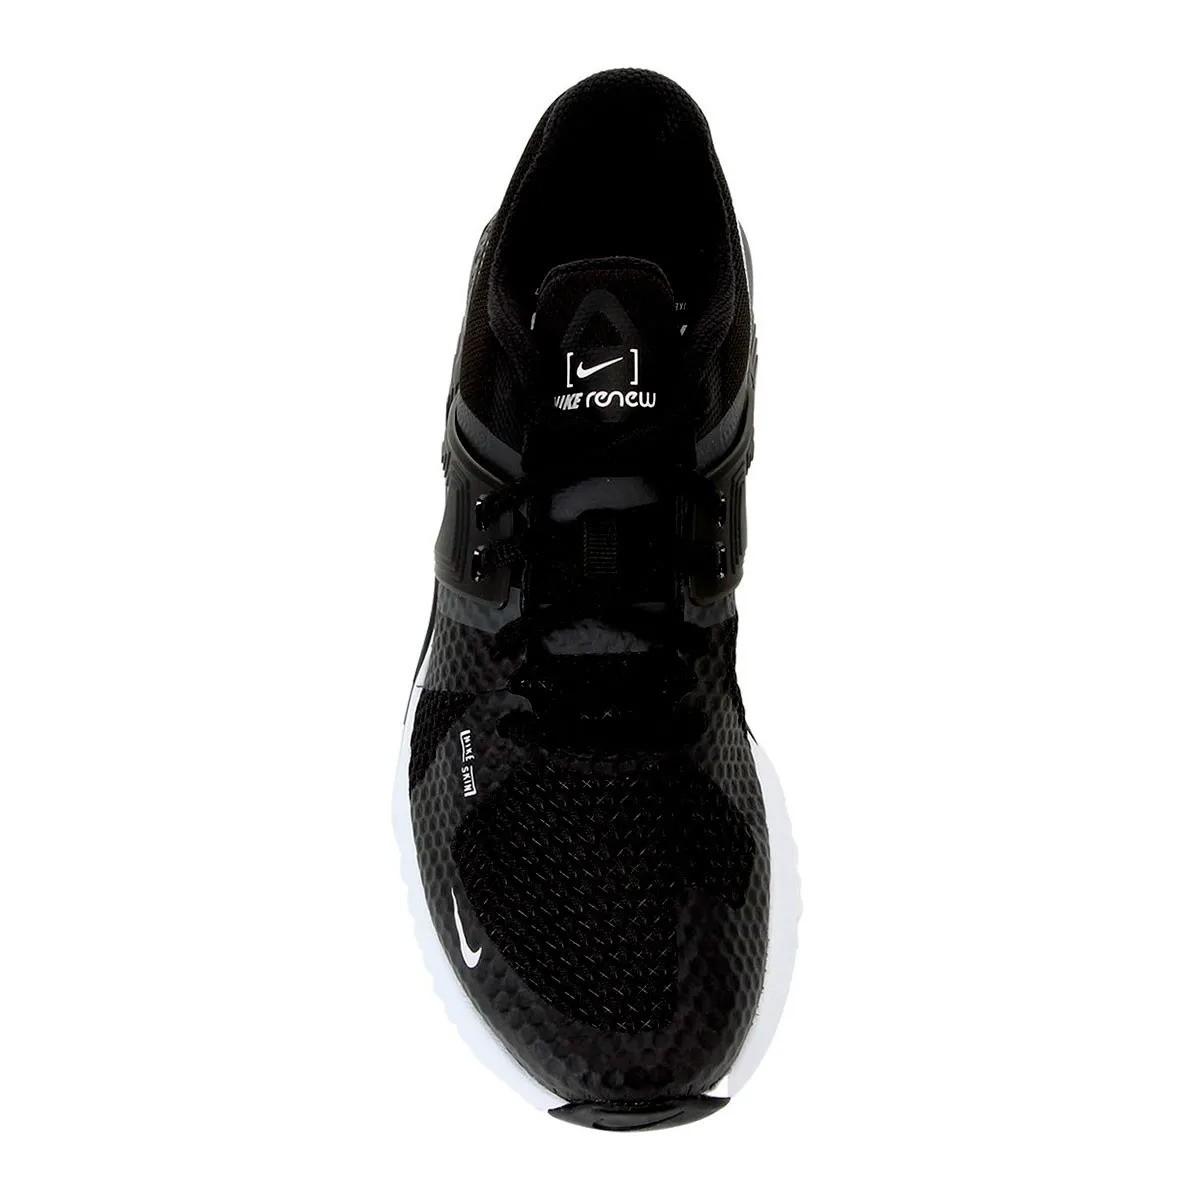 Tênis Nike Renew Fusion Preto